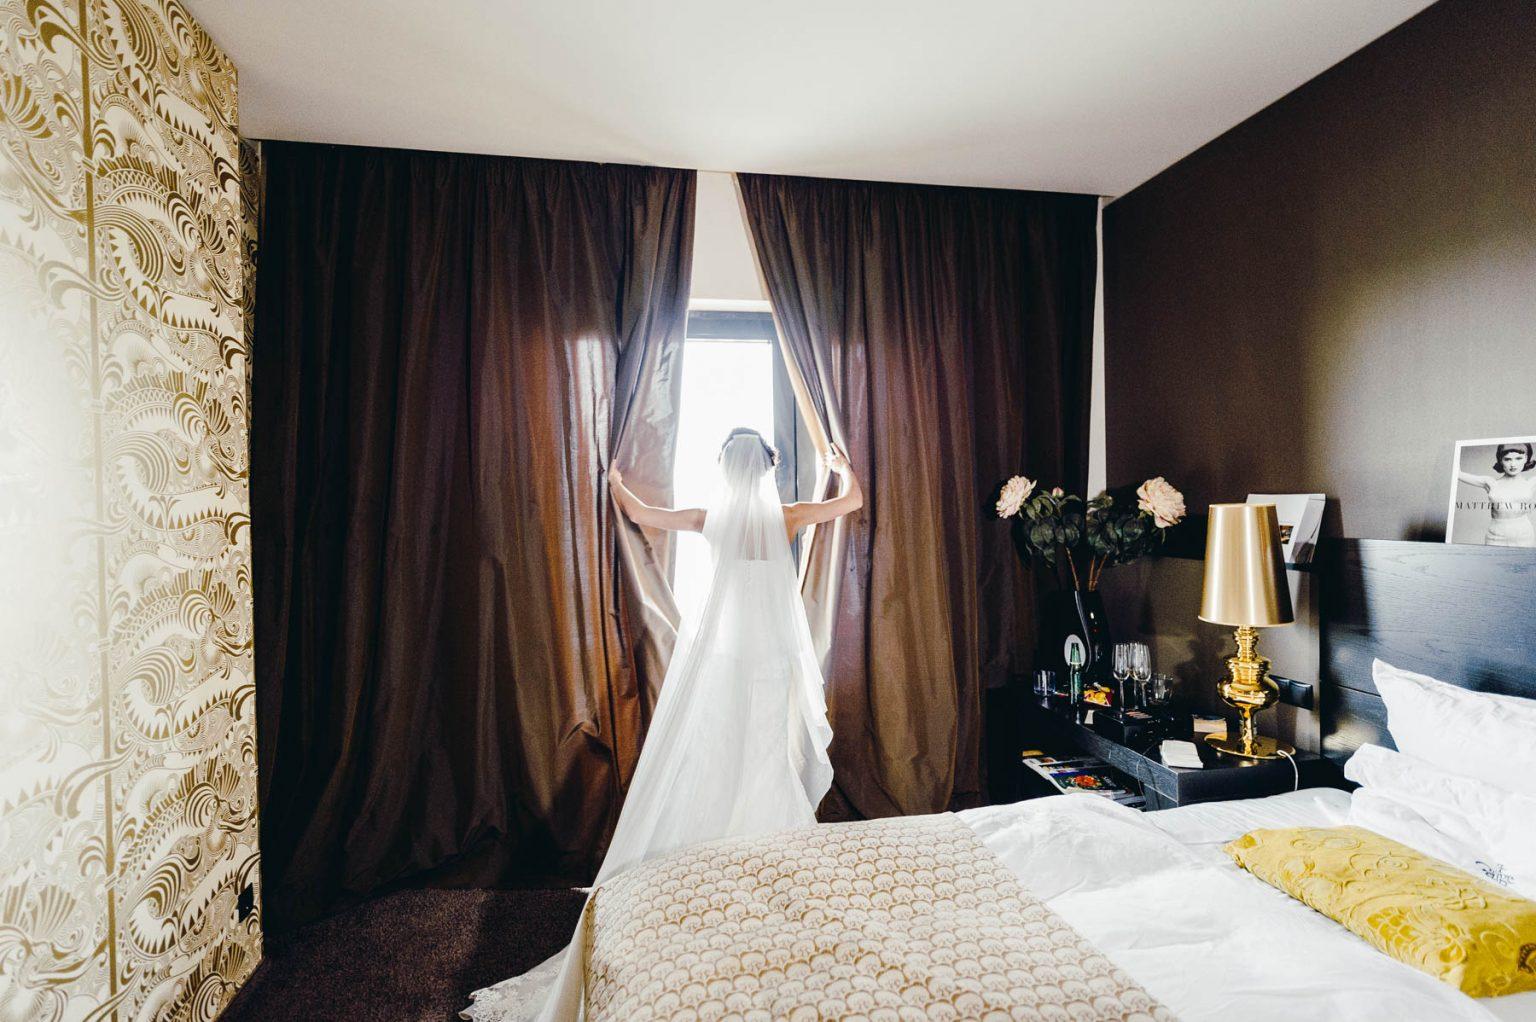 Brautportrait im Hotelzimmer